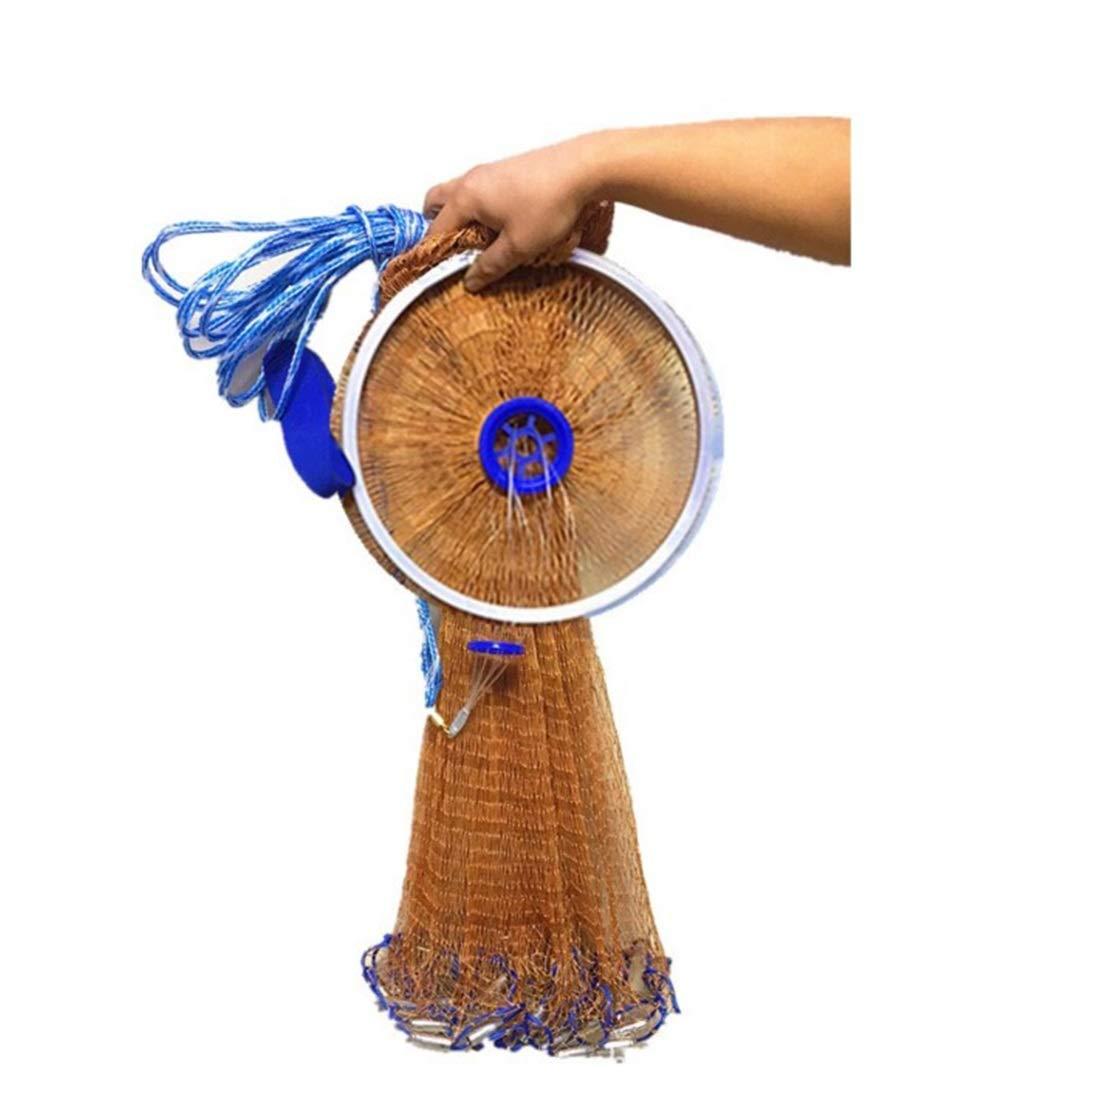 Plumb bob 7ft FELICIPP Filet de Fonte de pêche en Eau salée pour la Taille de Filet de Filet de Poisson de piège à appÂts 4ft   5ft   6ft   7ft   8ftNets